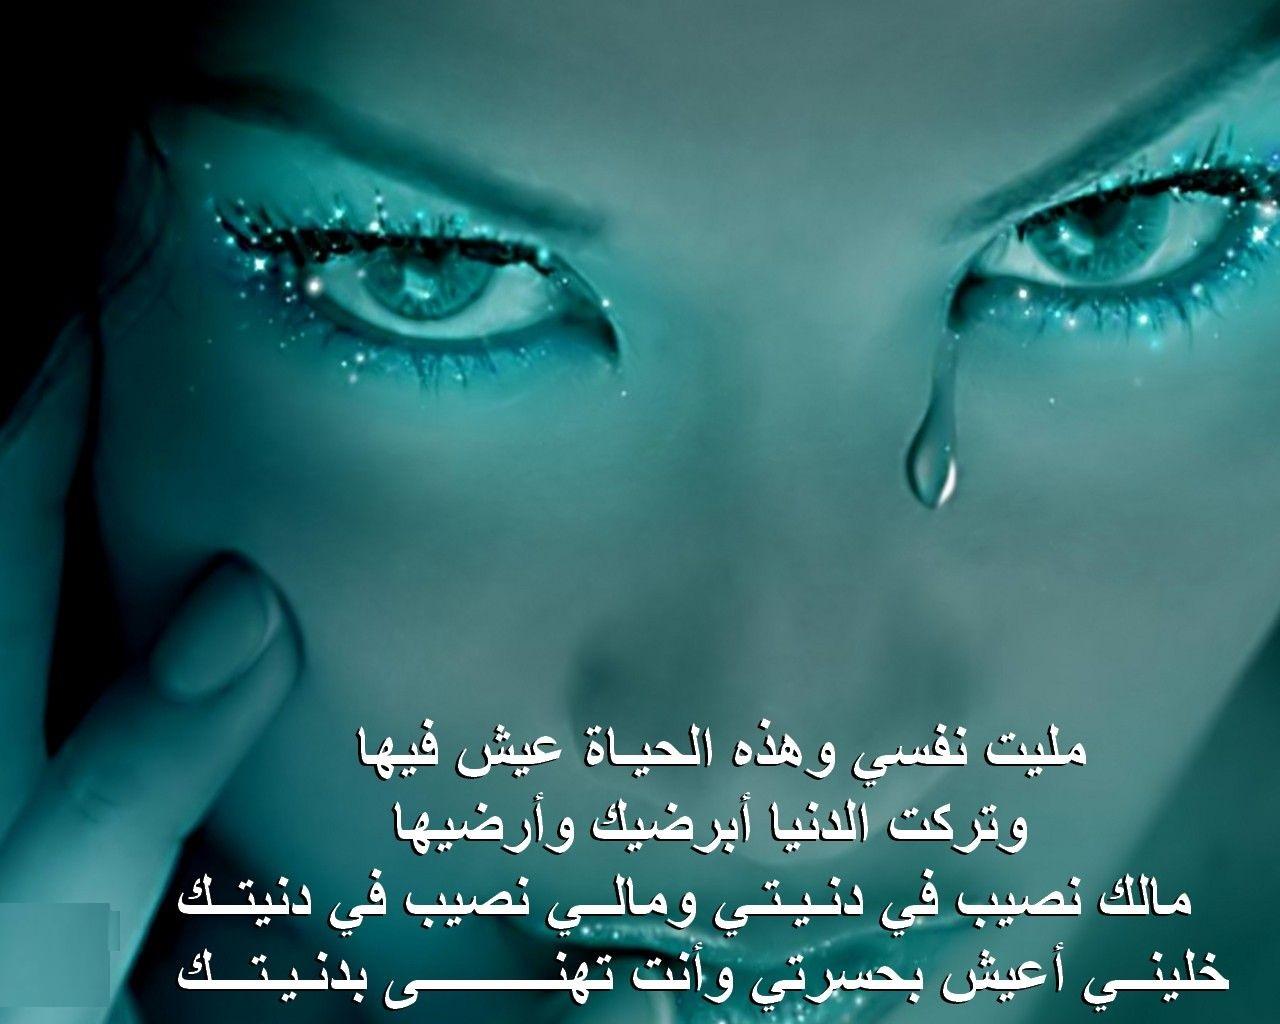 صور اجمل الصور الحزينة جدا , شاهد بالصور الوجع والالم